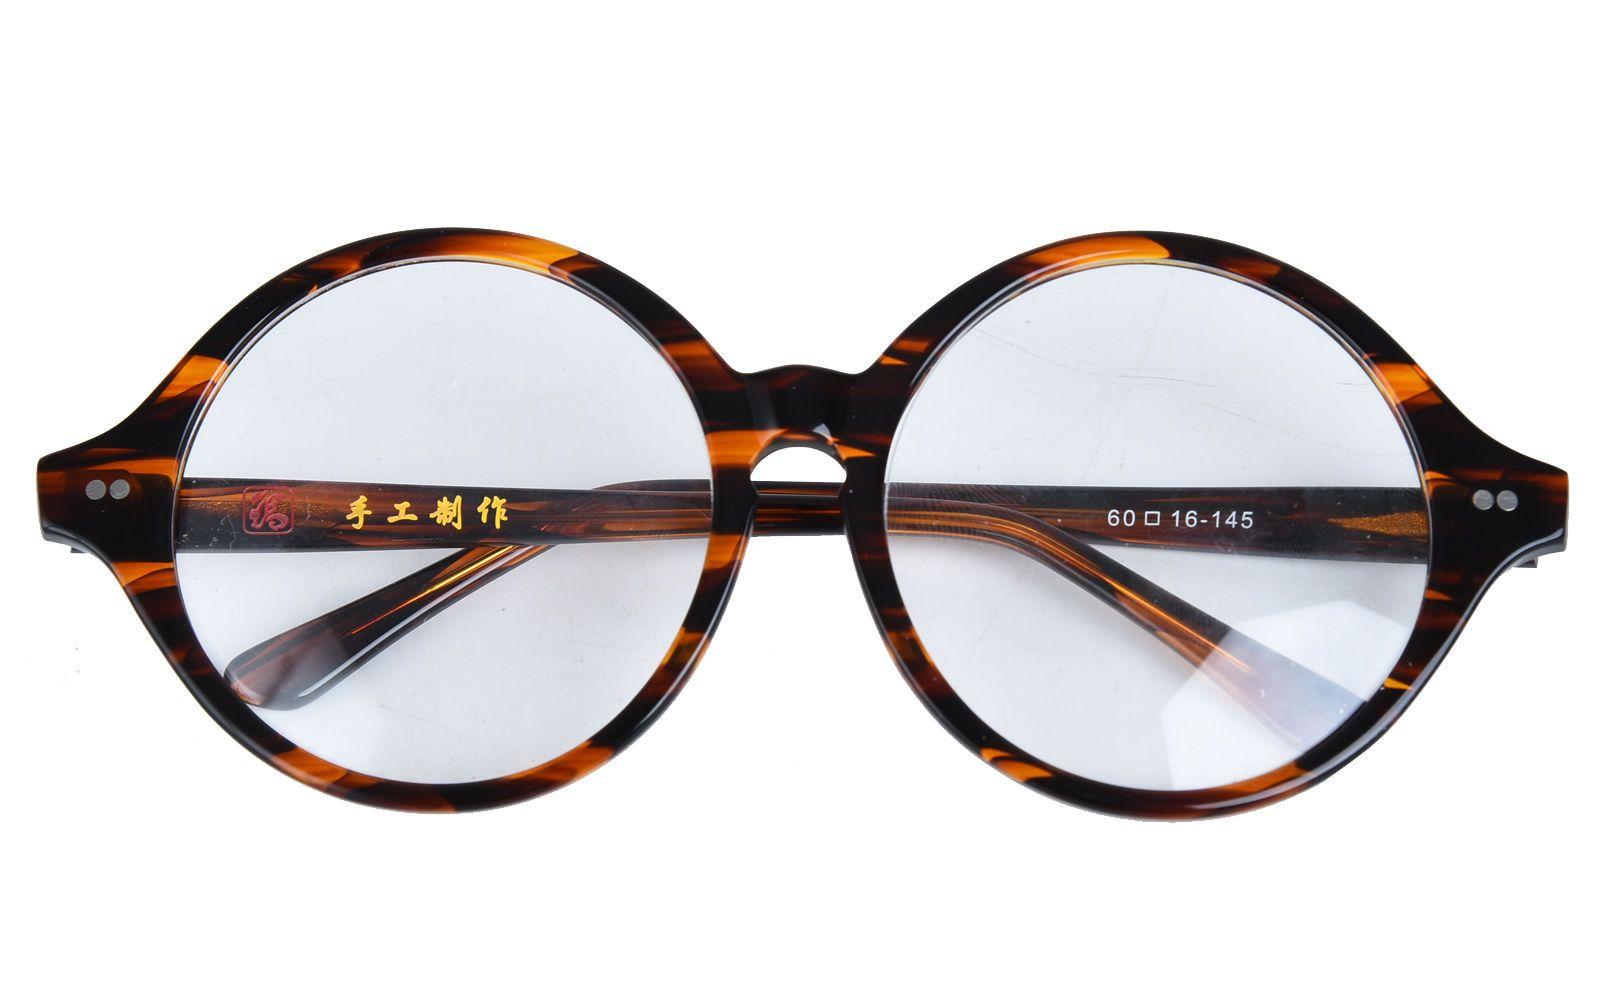 1d202f10f5af 40mm - 61mm HANDMADE Vintage Round Glasses Tortoise Optical Eyeglasses  Frames Rx